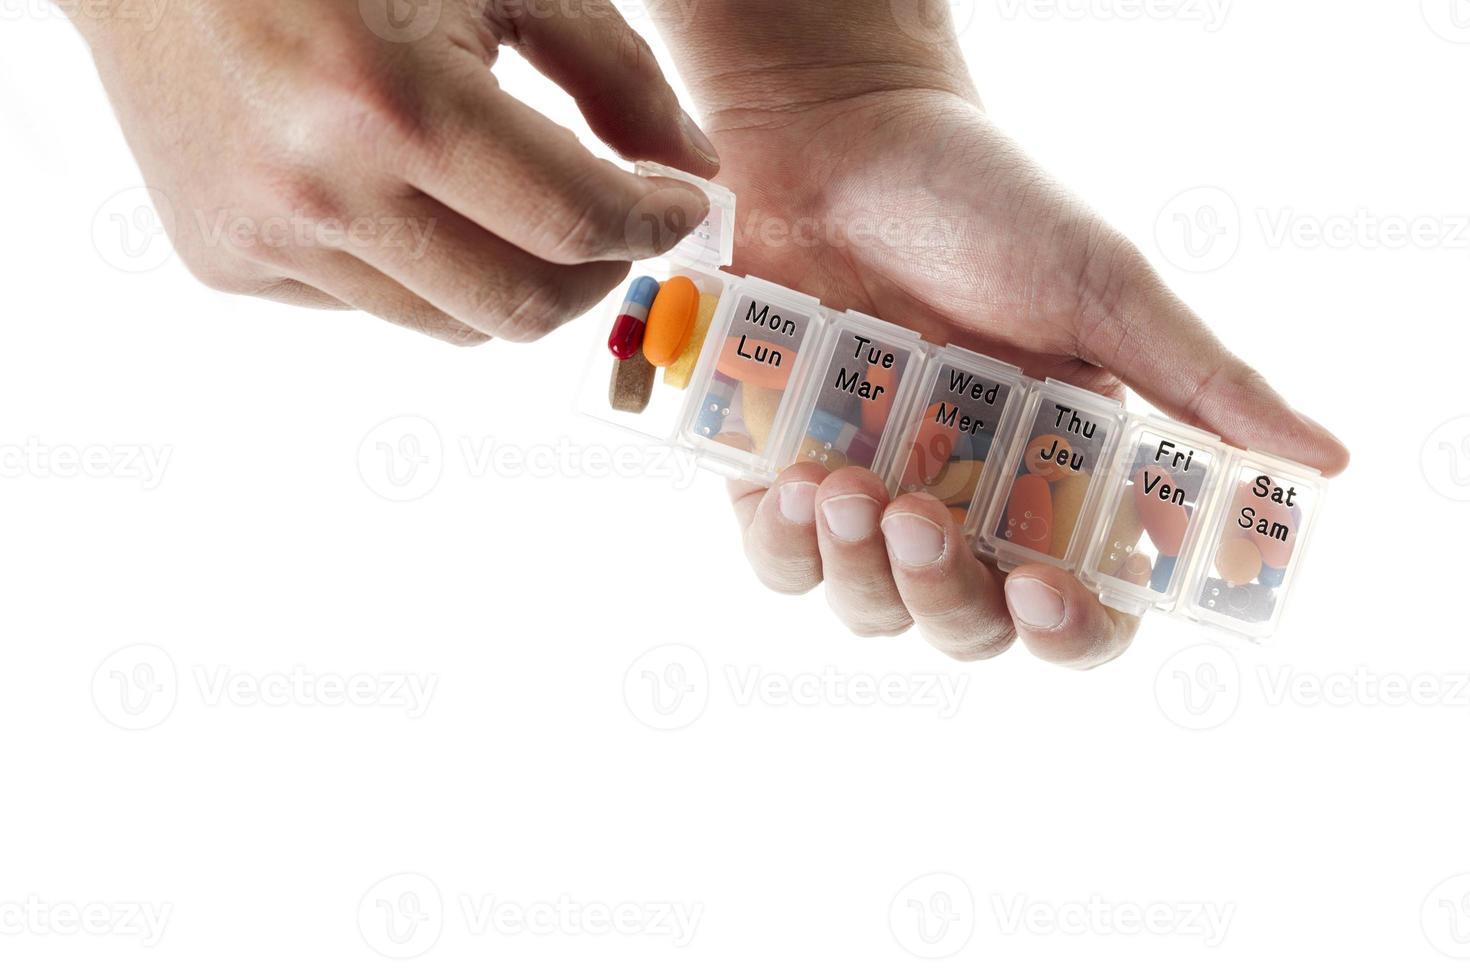 vicino colpo di mano umana che tiene pacchetto di pillole foto